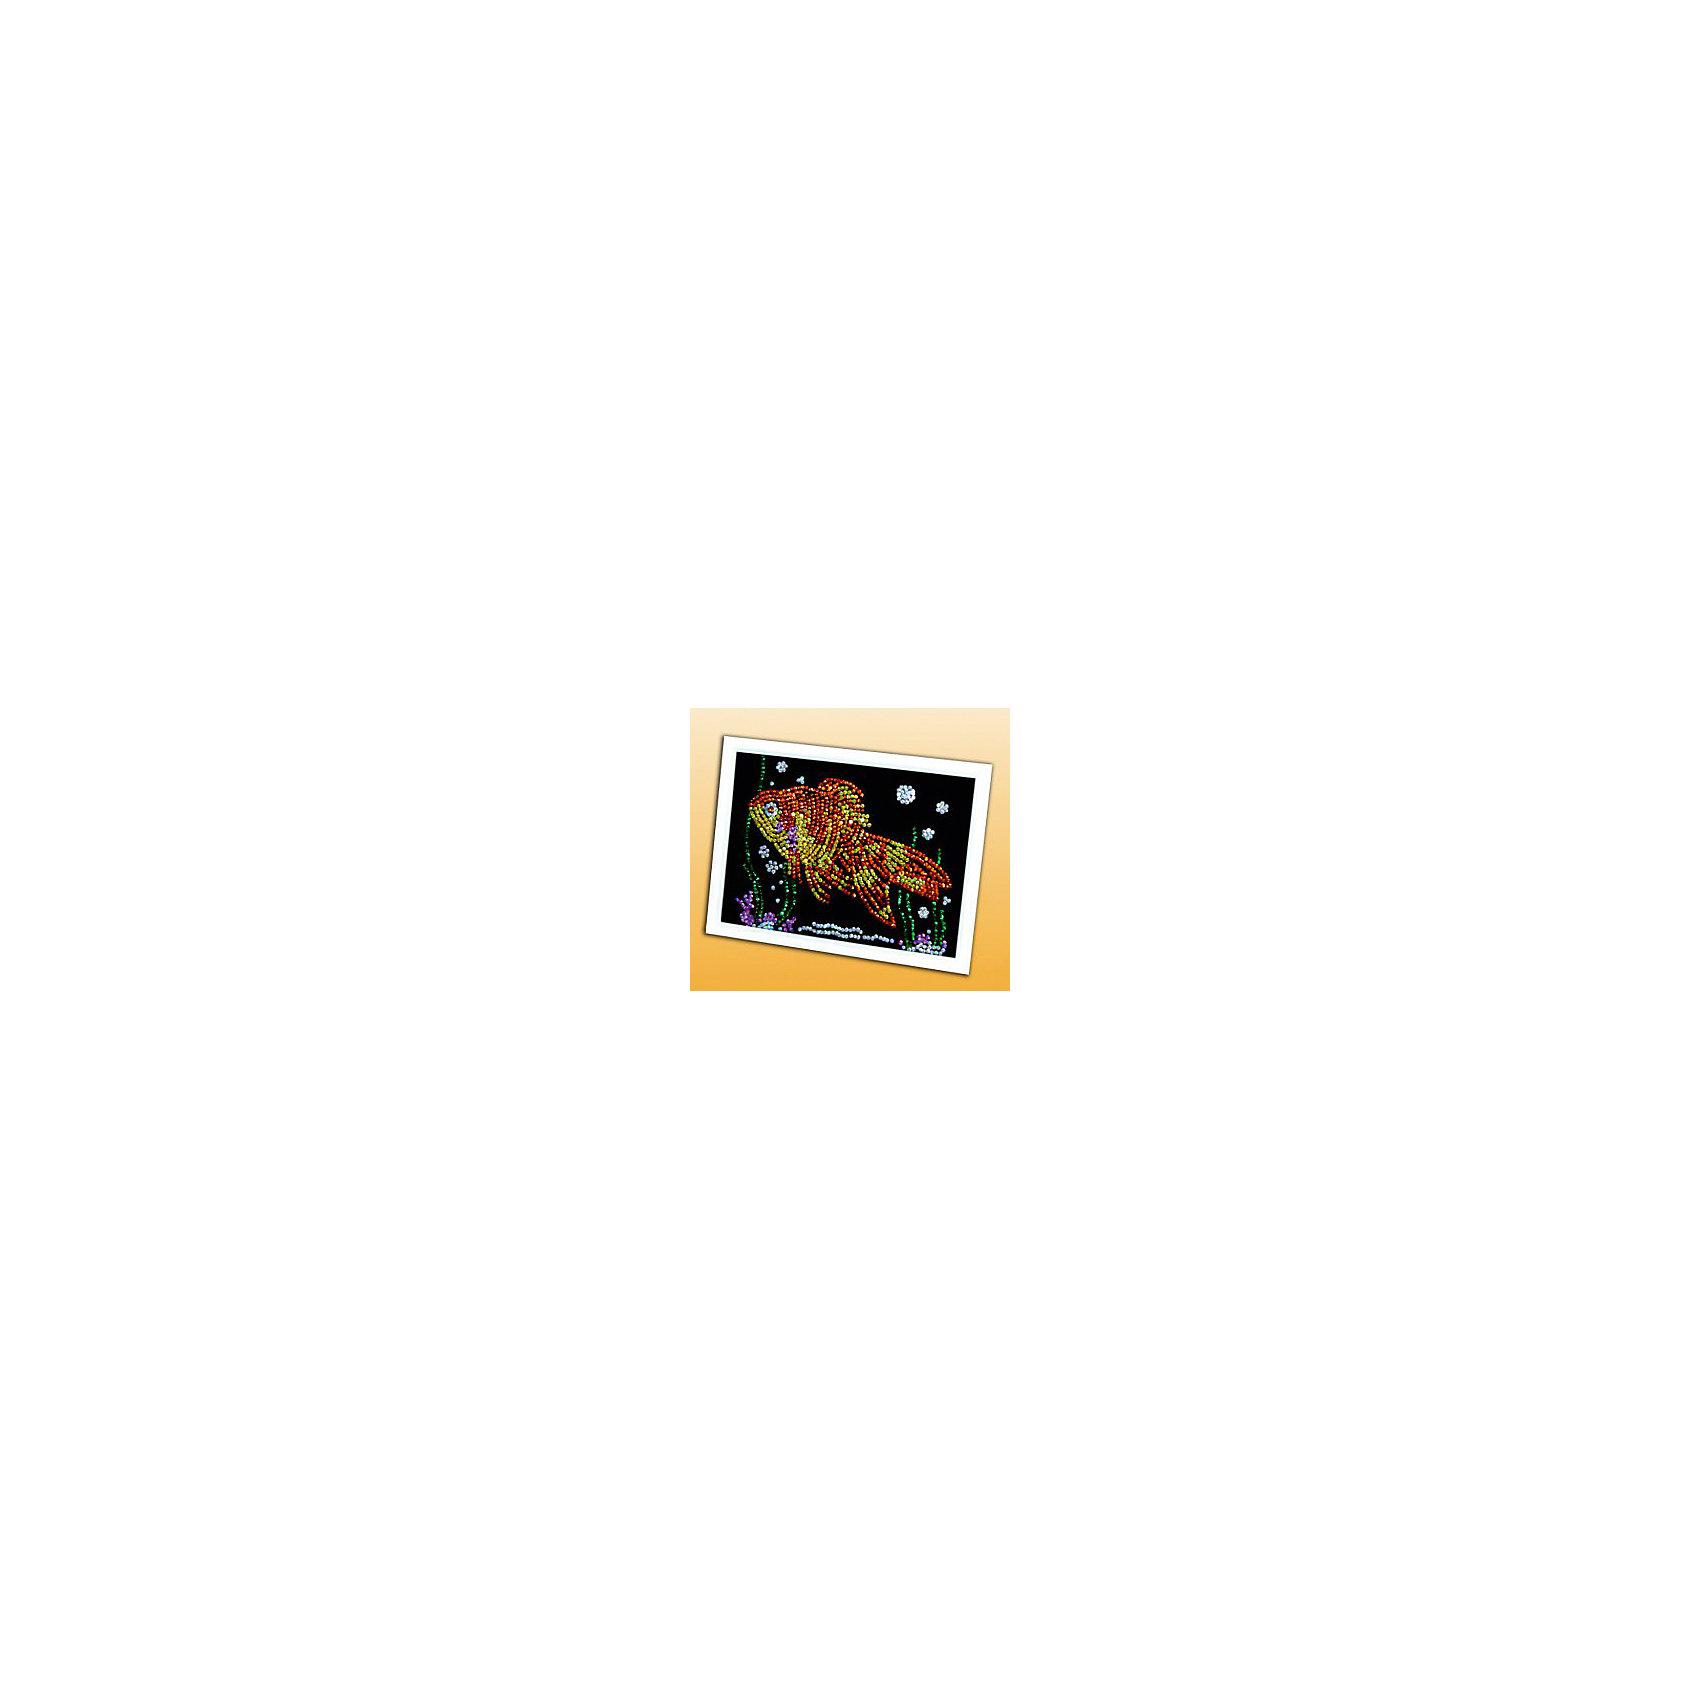 Мозаика из пайеток Золотая рыбкаМозаика детская<br>Набор для детского творчества «Мозайка из пайеток» дарит возможность составить рисунок с бабочкой из пайеток. Пайтеки – это блестка, плоская чешуйка из блестящего материала, обычно круглой или многогранной формы и с отверстием для продевания нитки. Пайетка может иметь различную окраску. <br>Набор способствует развитию фантазии ребенка, мелкой моторики рук. Тренирует усидчивость и терпение, так как приходится работать с достаточно мелкими деталями. Подойдет как для домашних занятий творчеством так и для школьных.<br><br>Ширина мм: 375<br>Глубина мм: 34<br>Высота мм: 277<br>Вес г: 318<br>Возраст от месяцев: 36<br>Возраст до месяцев: 108<br>Пол: Унисекс<br>Возраст: Детский<br>SKU: 5075360